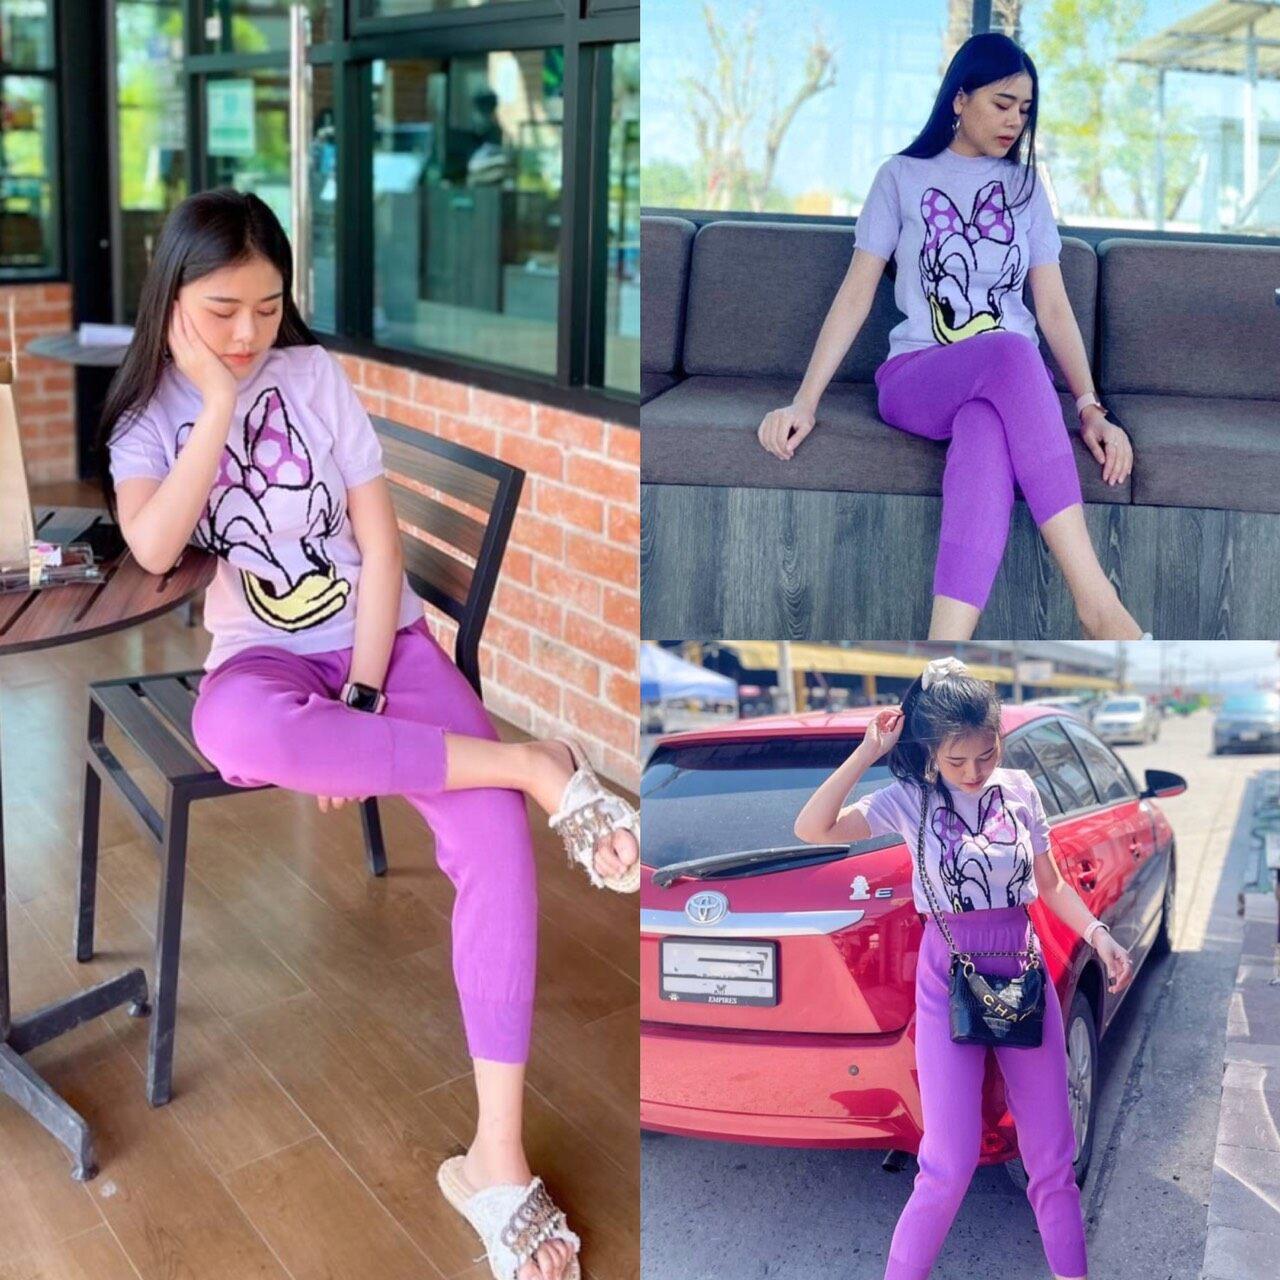 ชุดเซ็ทเสื้อแขนสั้น+กางเกงขายาวน่ารักๆ ตัวเสื้อทอลายการ์ตูน เป็นสีพาสเทลหวานๆ.